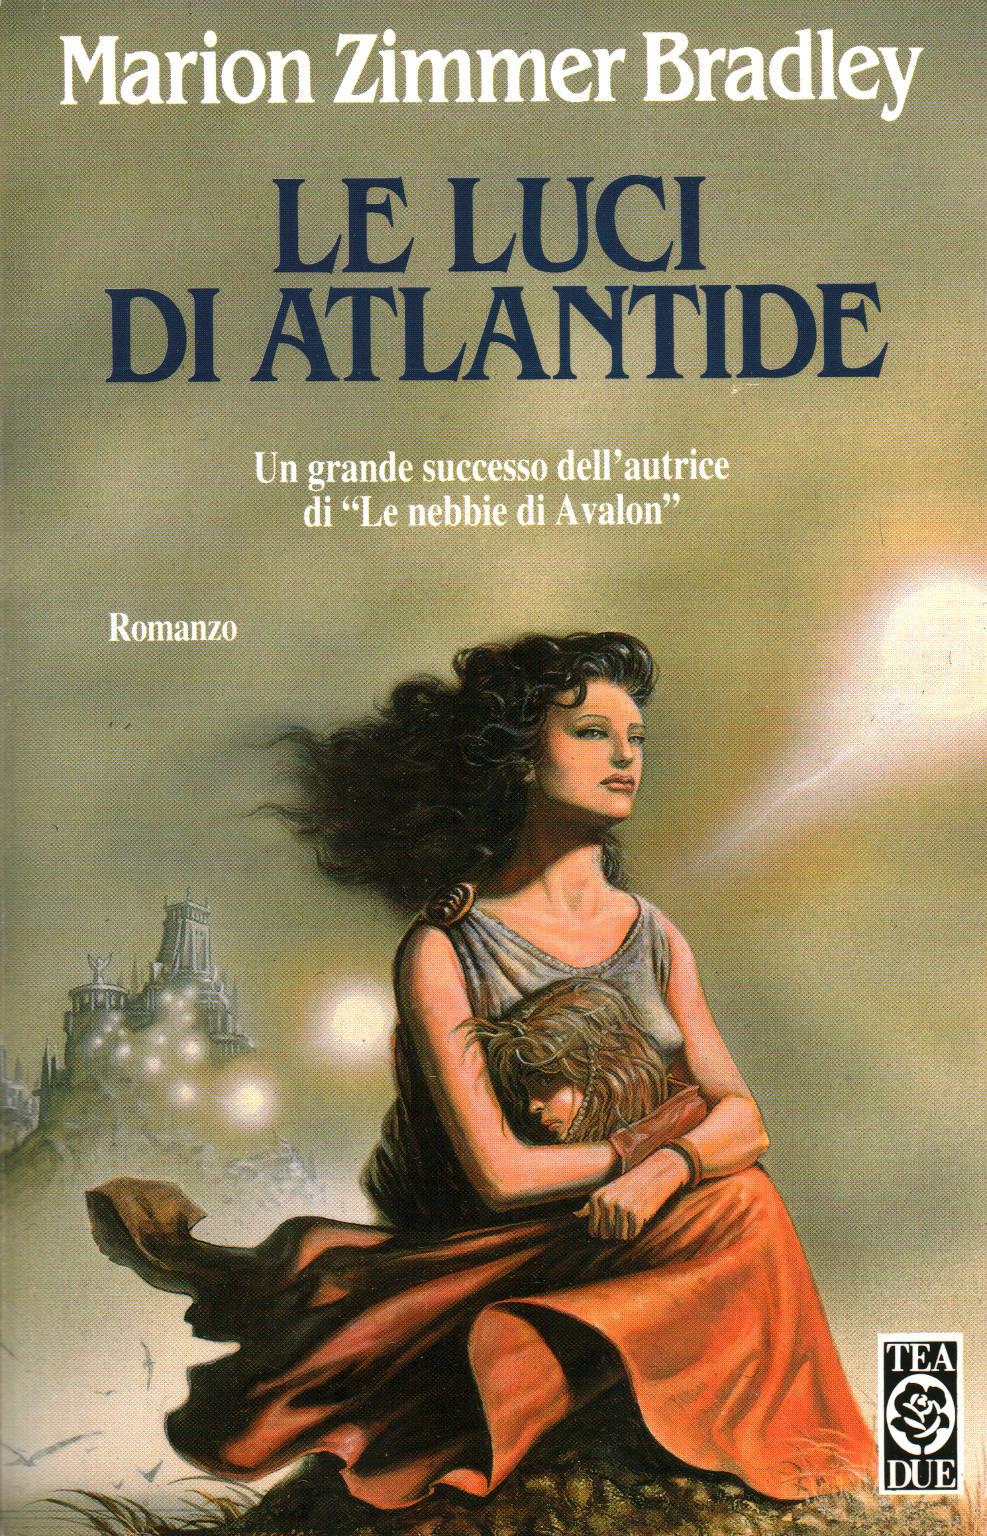 Книга фантастика с любовной линией